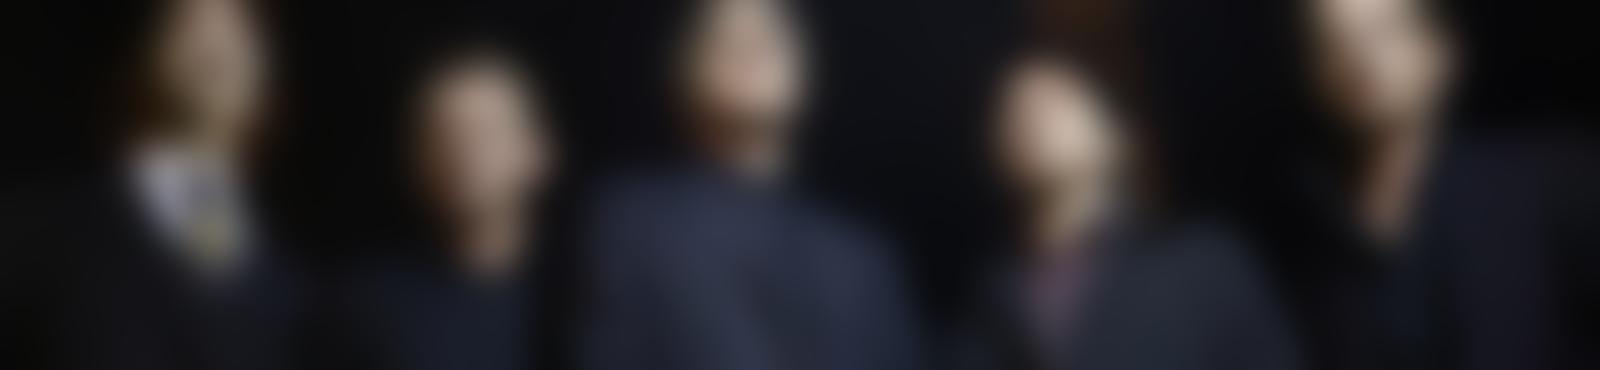 Blurred 1085f16f 2ff0 4432 90fd b56ec5b55017